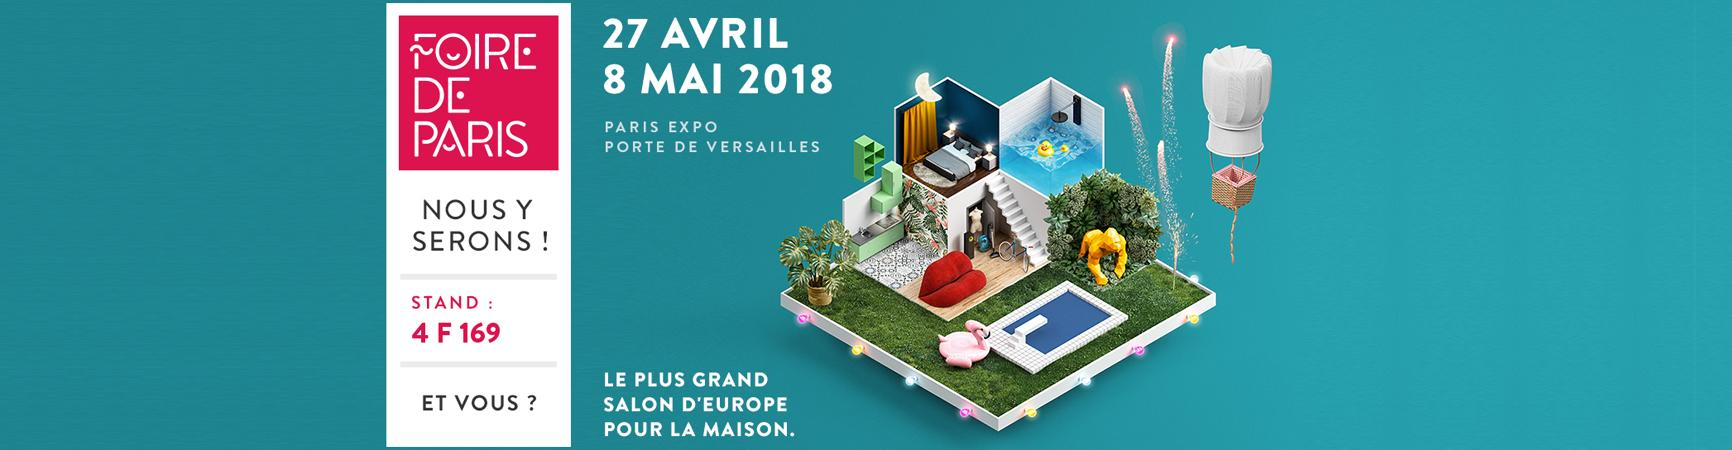 Alba-foire-paris-2018